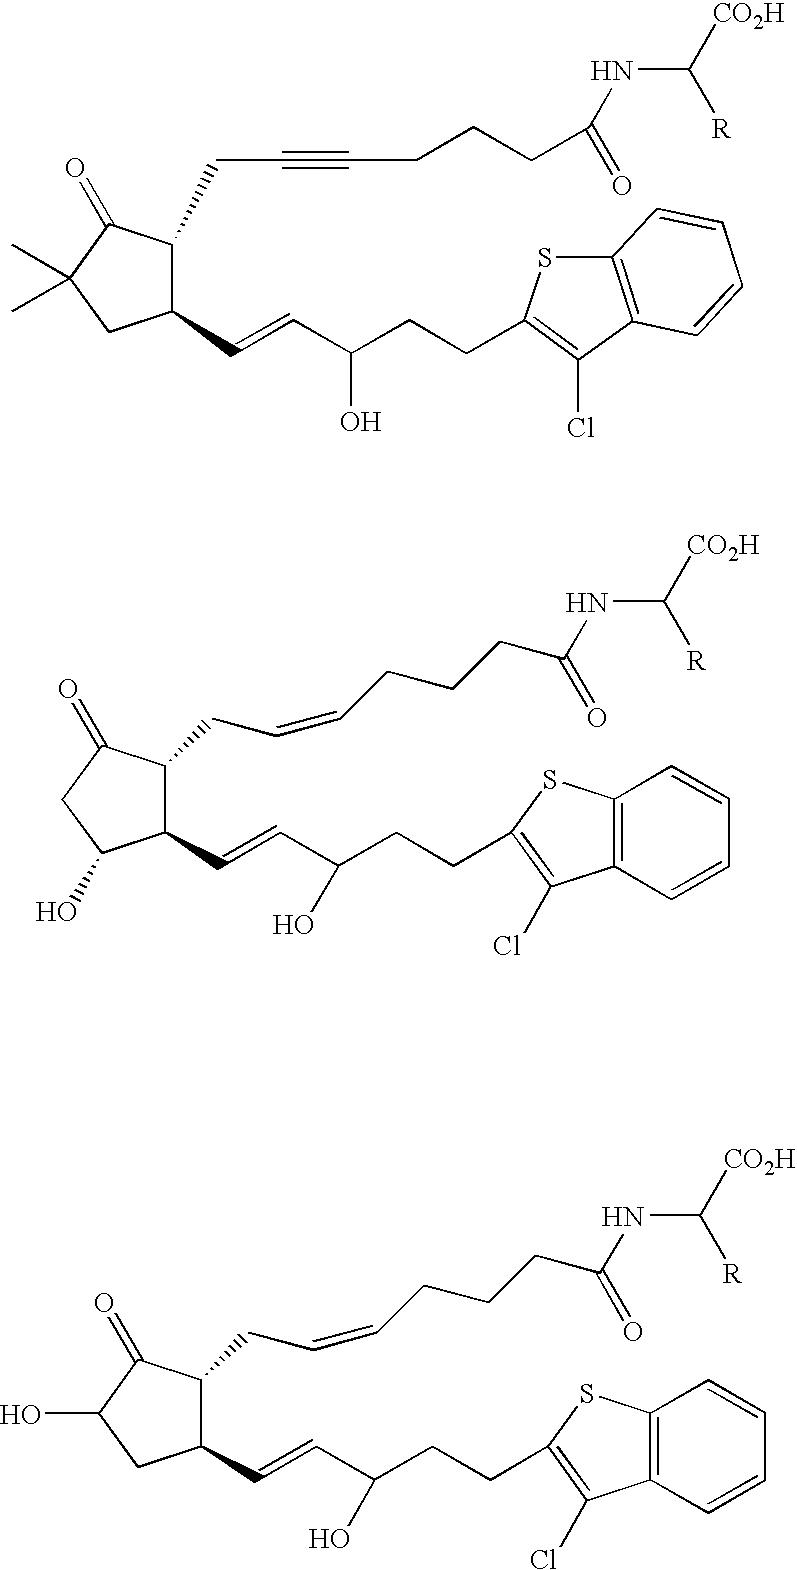 Figure US20070232660A1-20071004-C00028